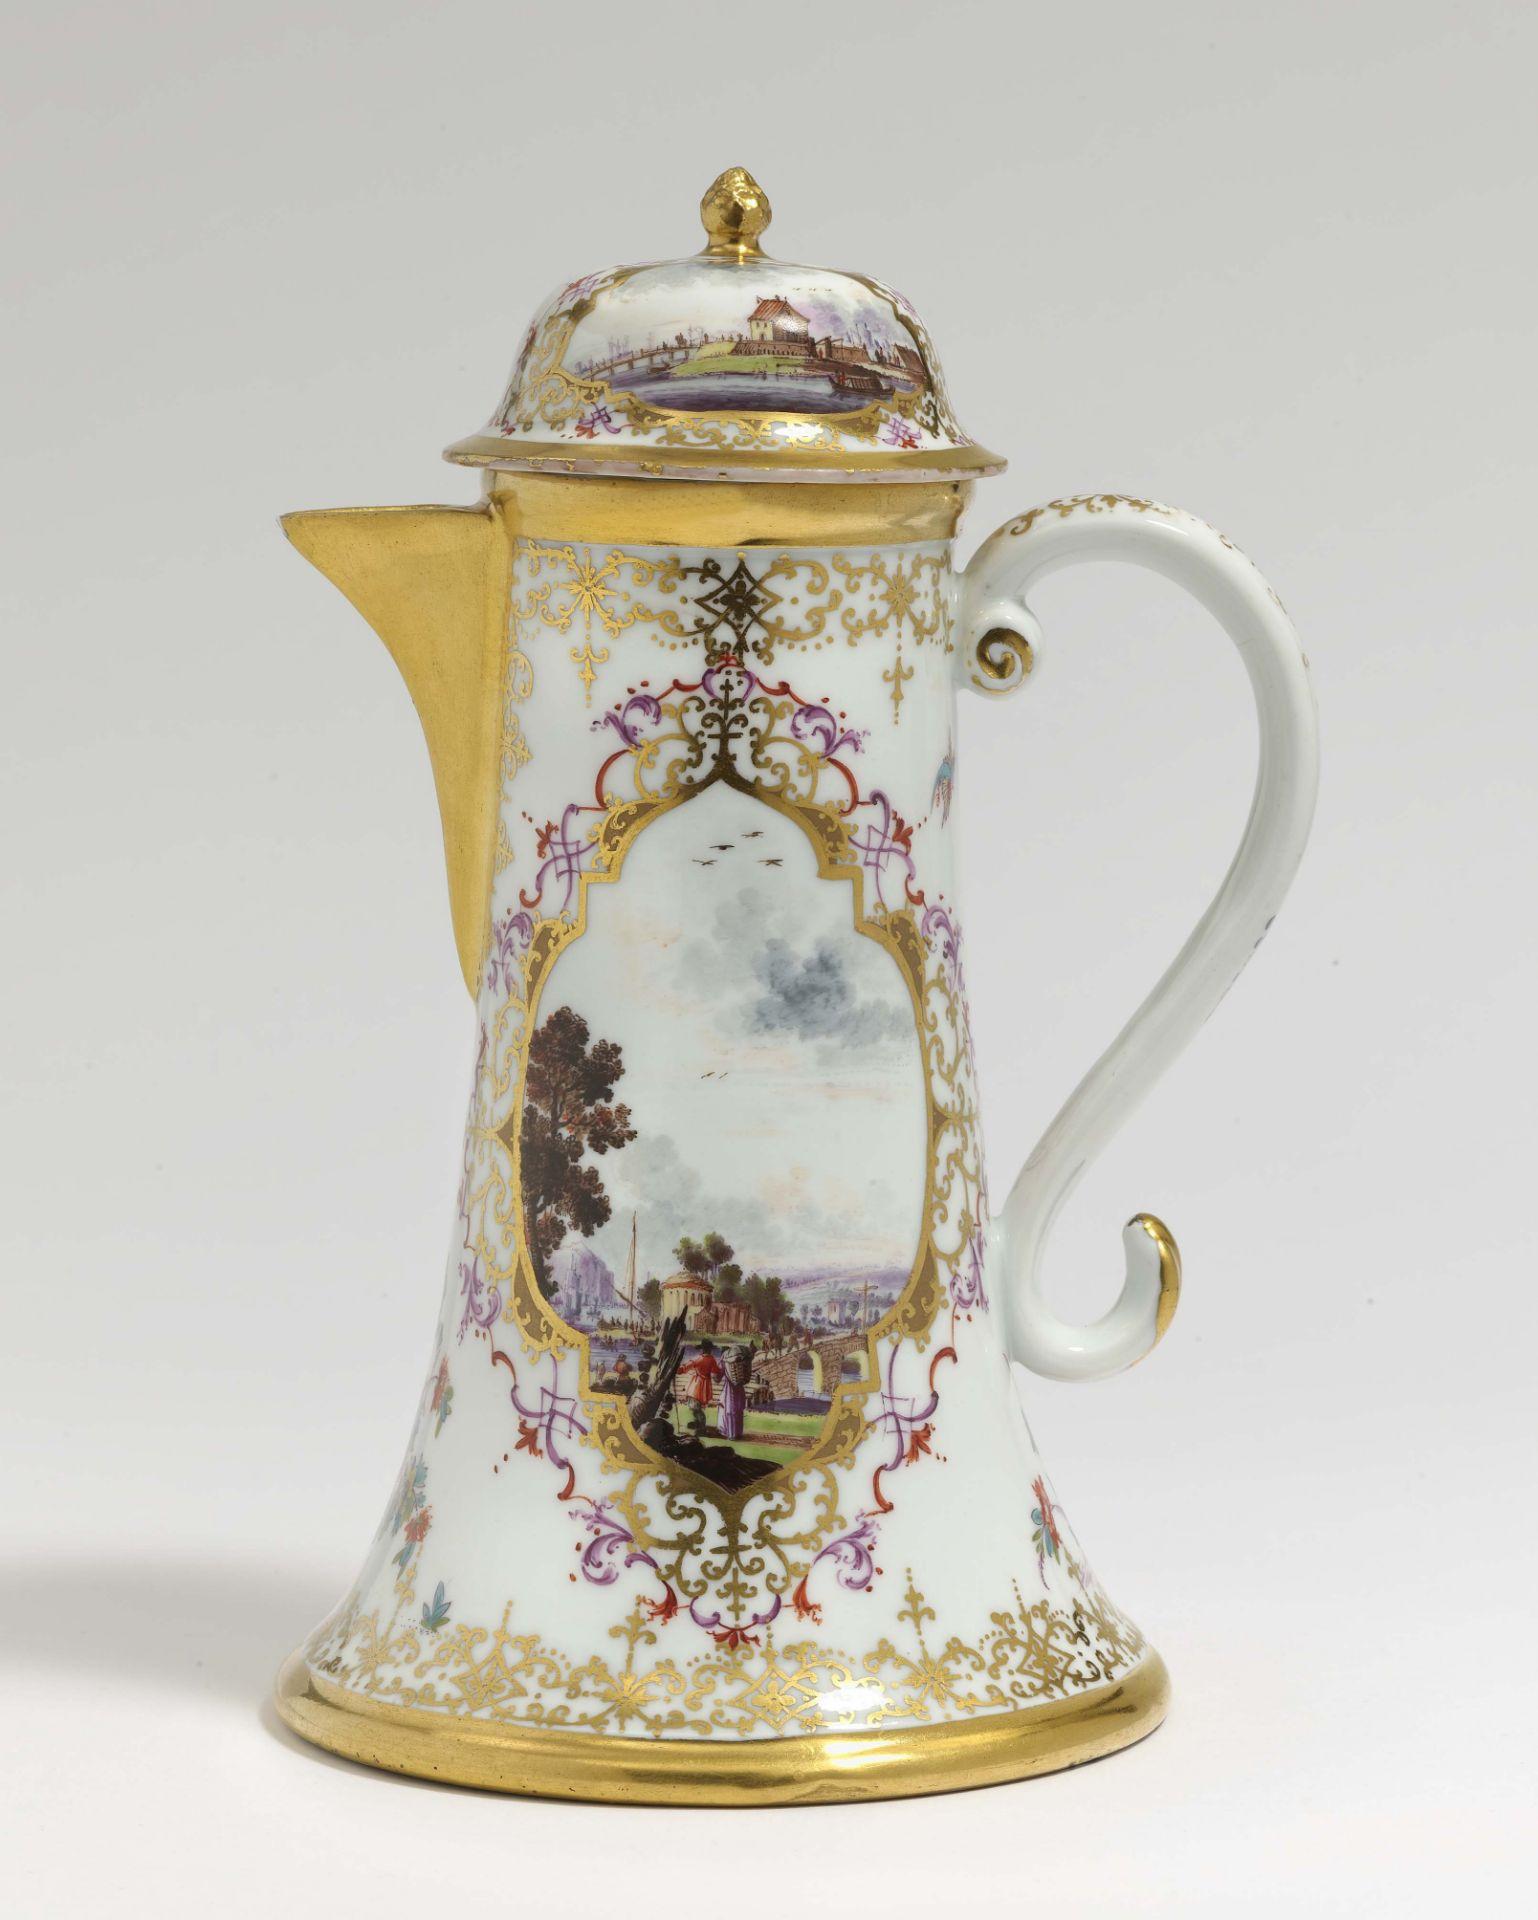 Kaffeekanne - Image 2 of 2